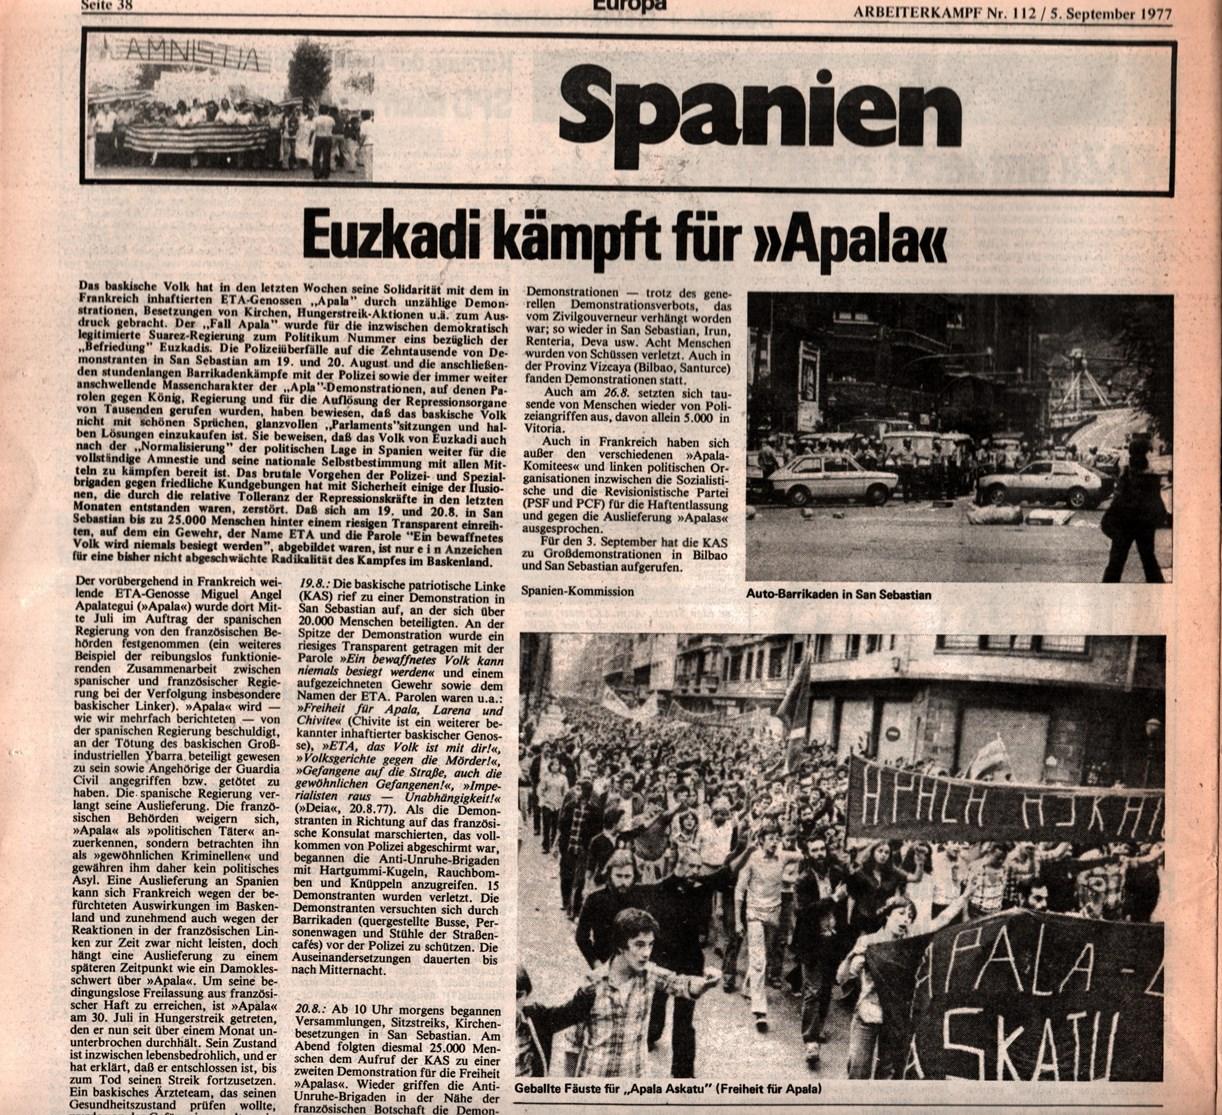 KB_AK_1977_112_074